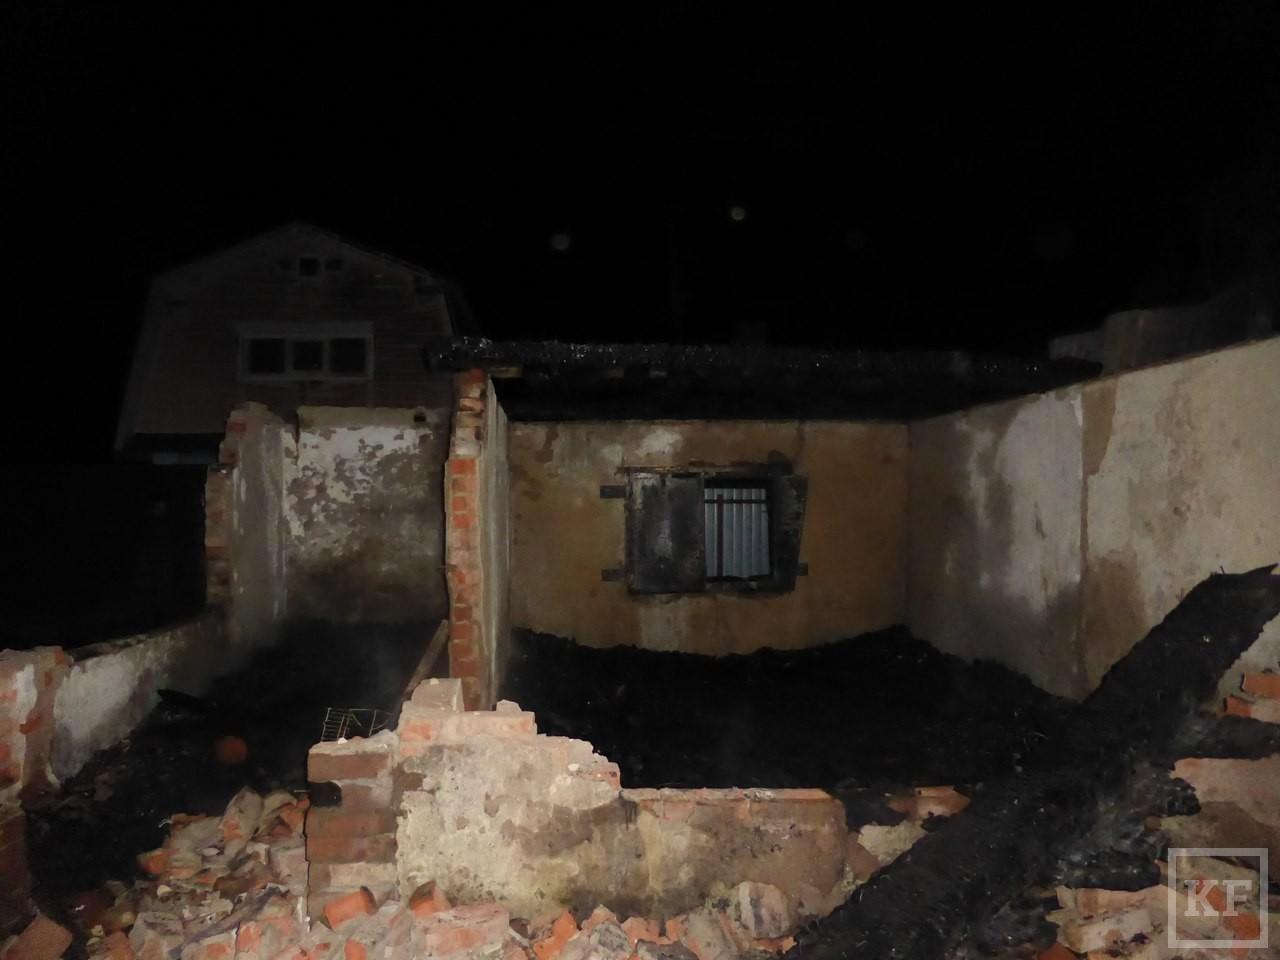 Житель Нижнекамска, пытаясь спасти дачный дом от огня, получил 90% ожогов тела